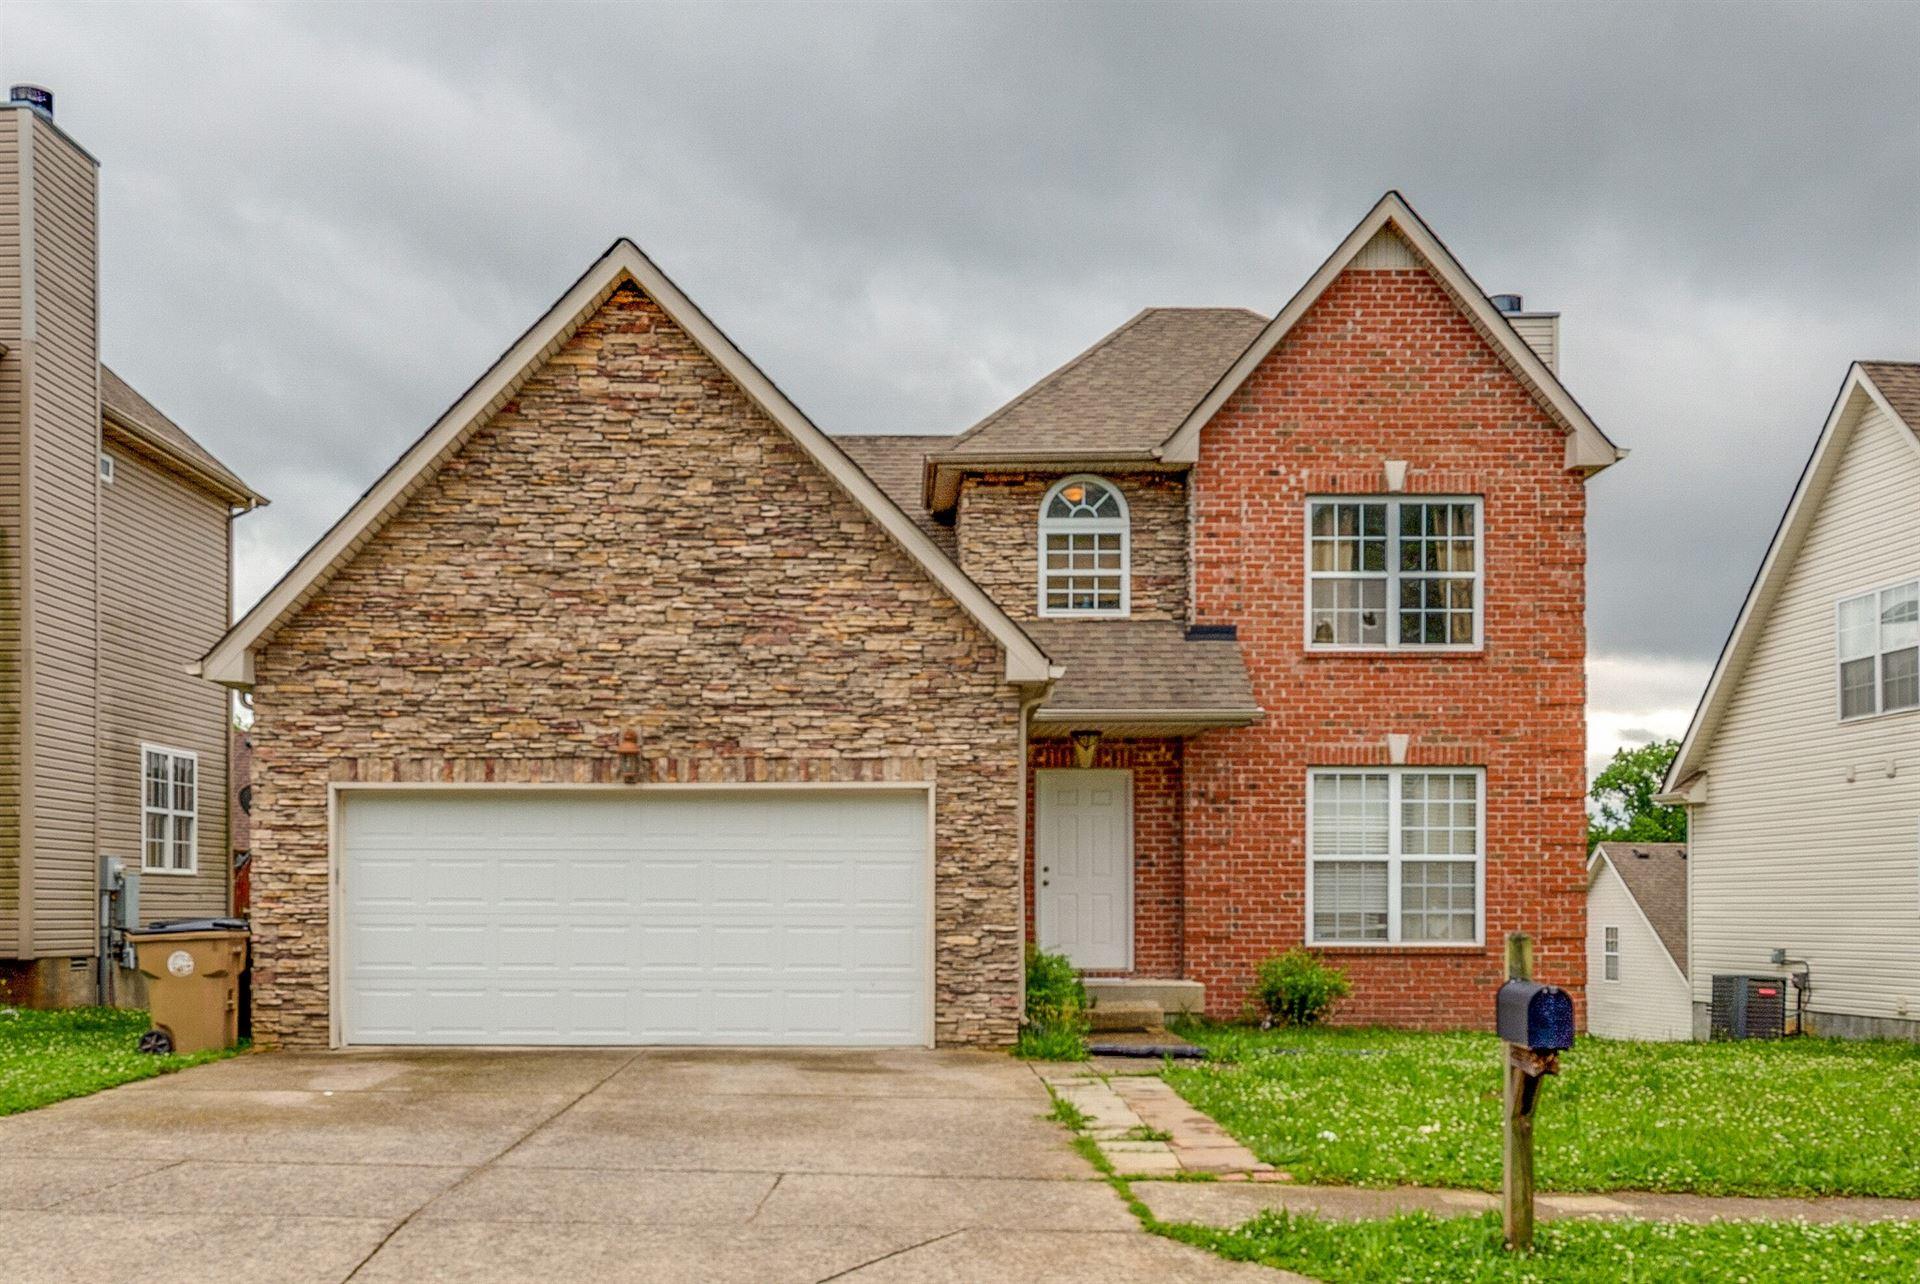 2837 Evergreen Ridge Pt, Nashville, TN 37217 - MLS#: 2262350